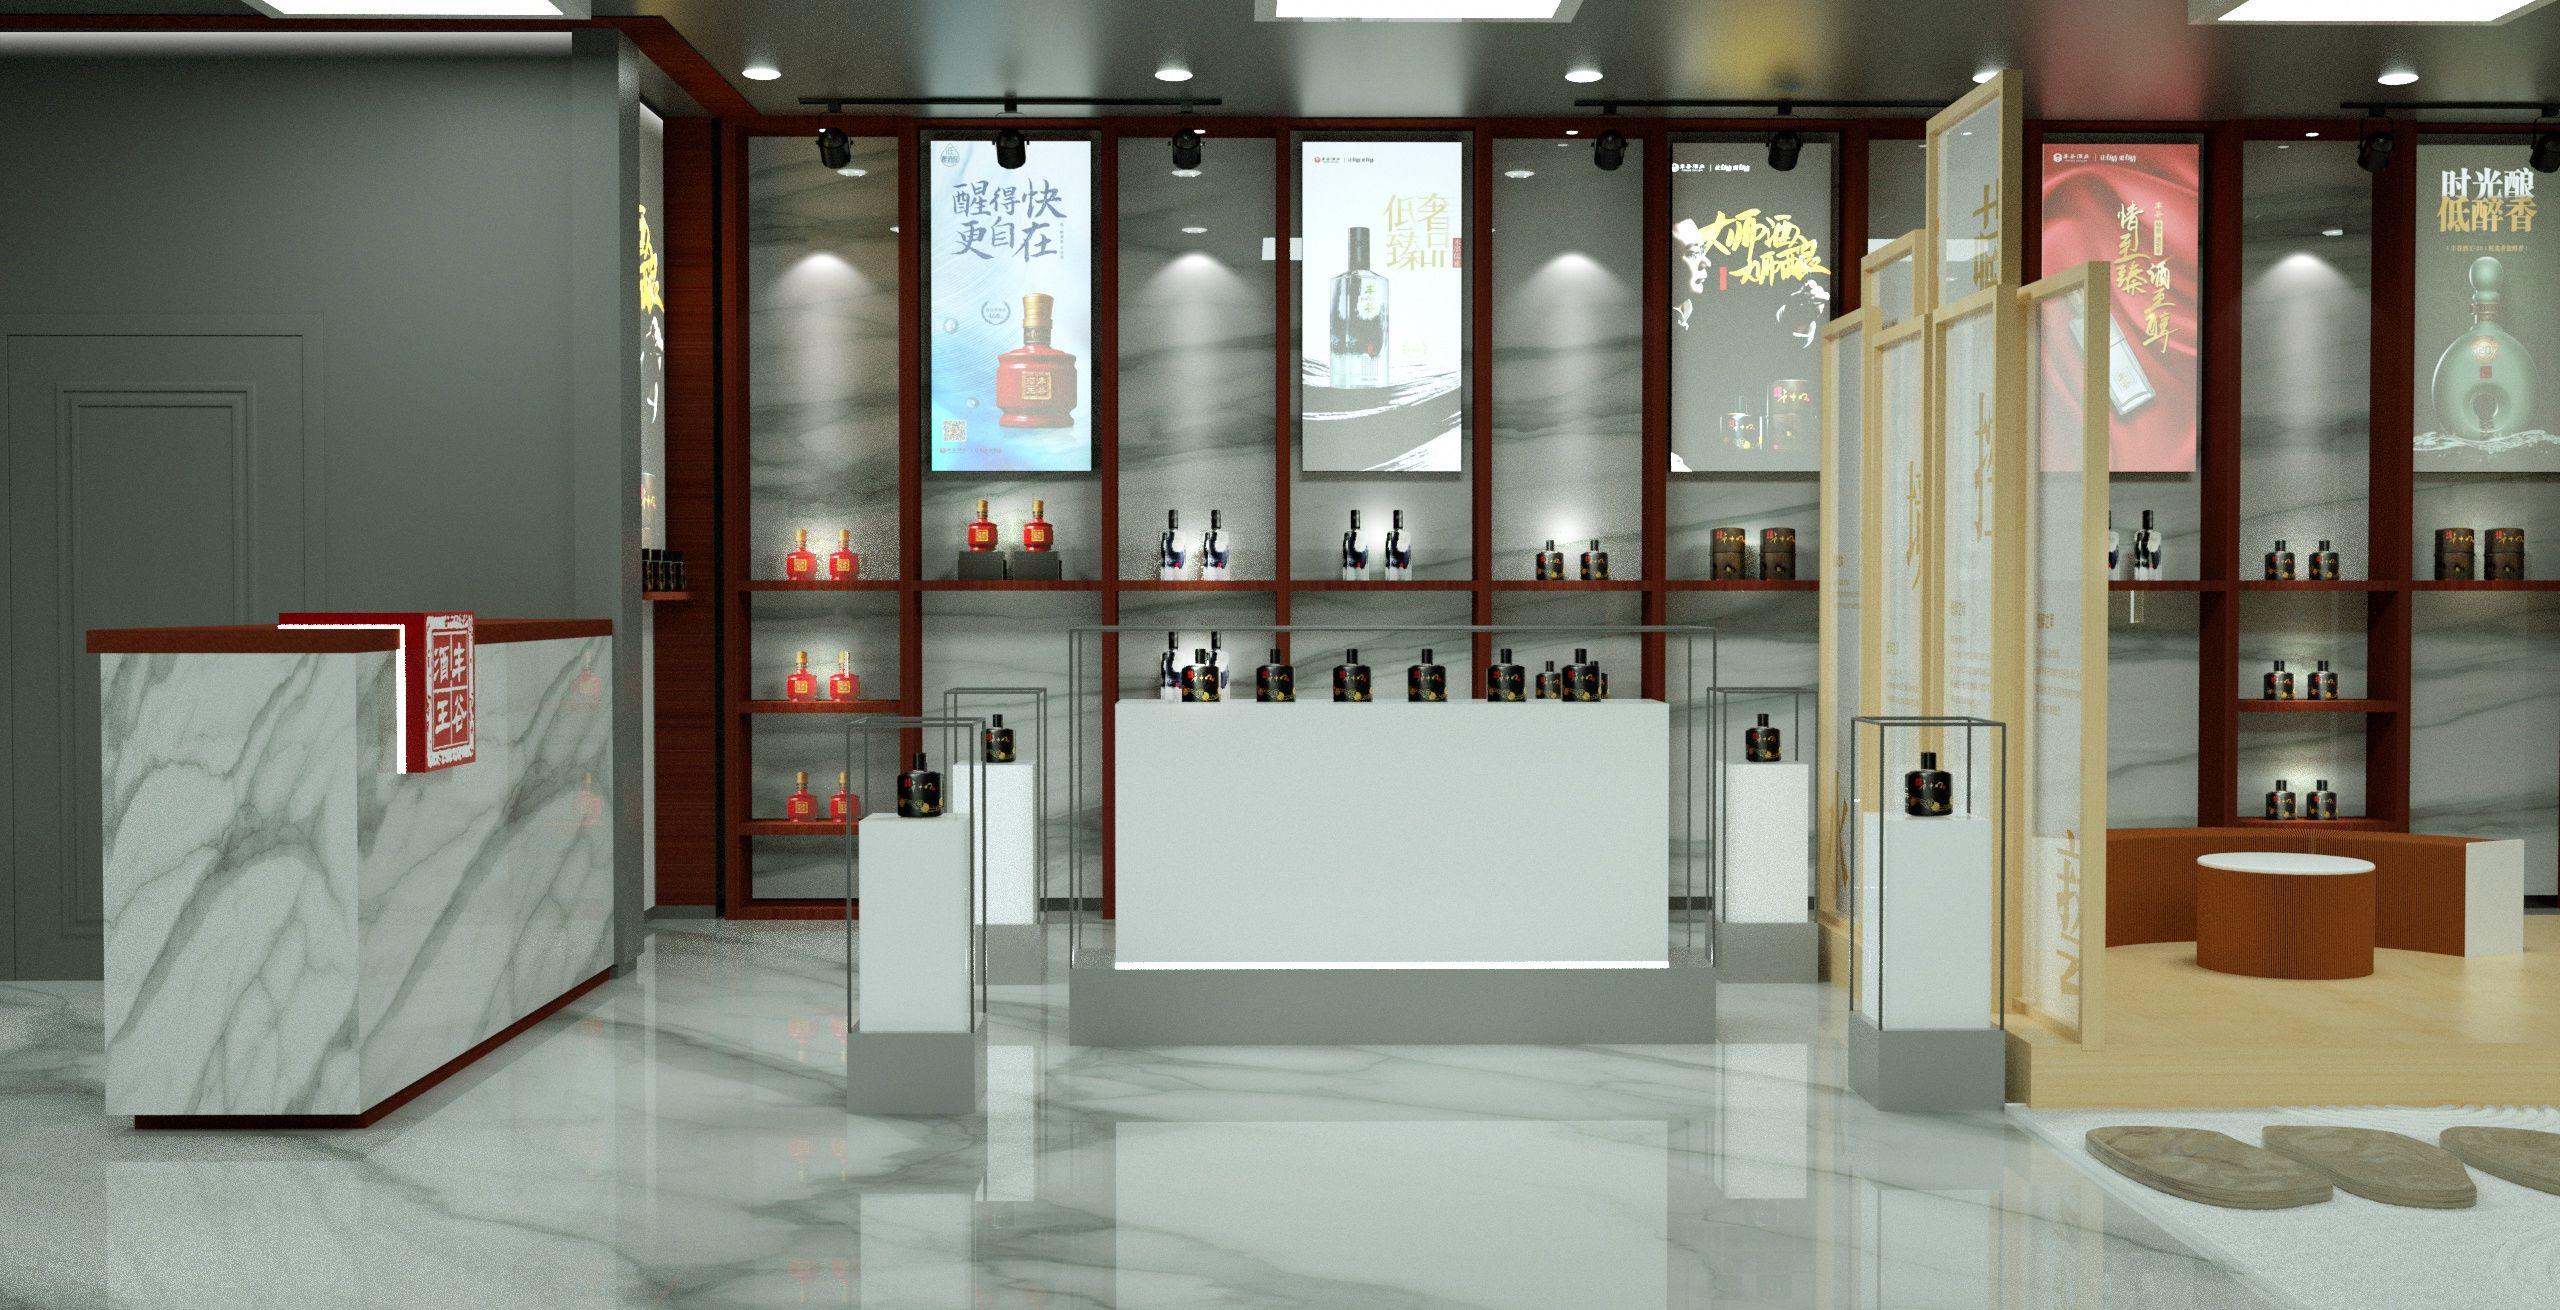 丰谷低醉白酒体验馆 飞特网 SI店铺设计